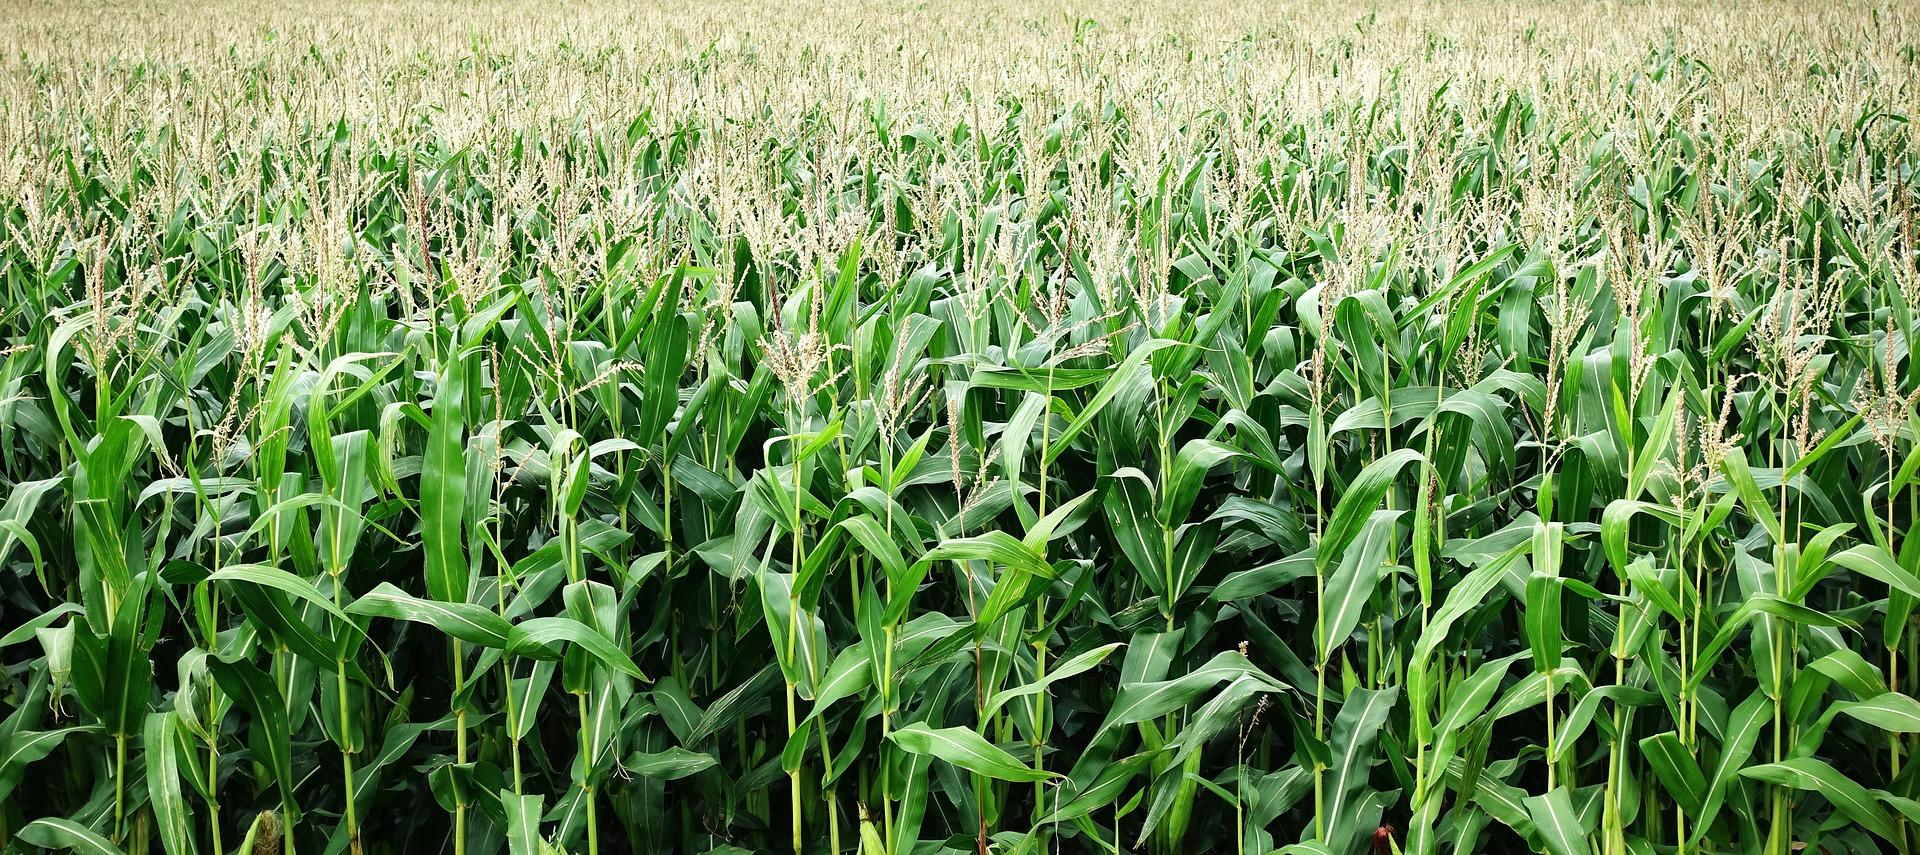 corn-2655525_1920